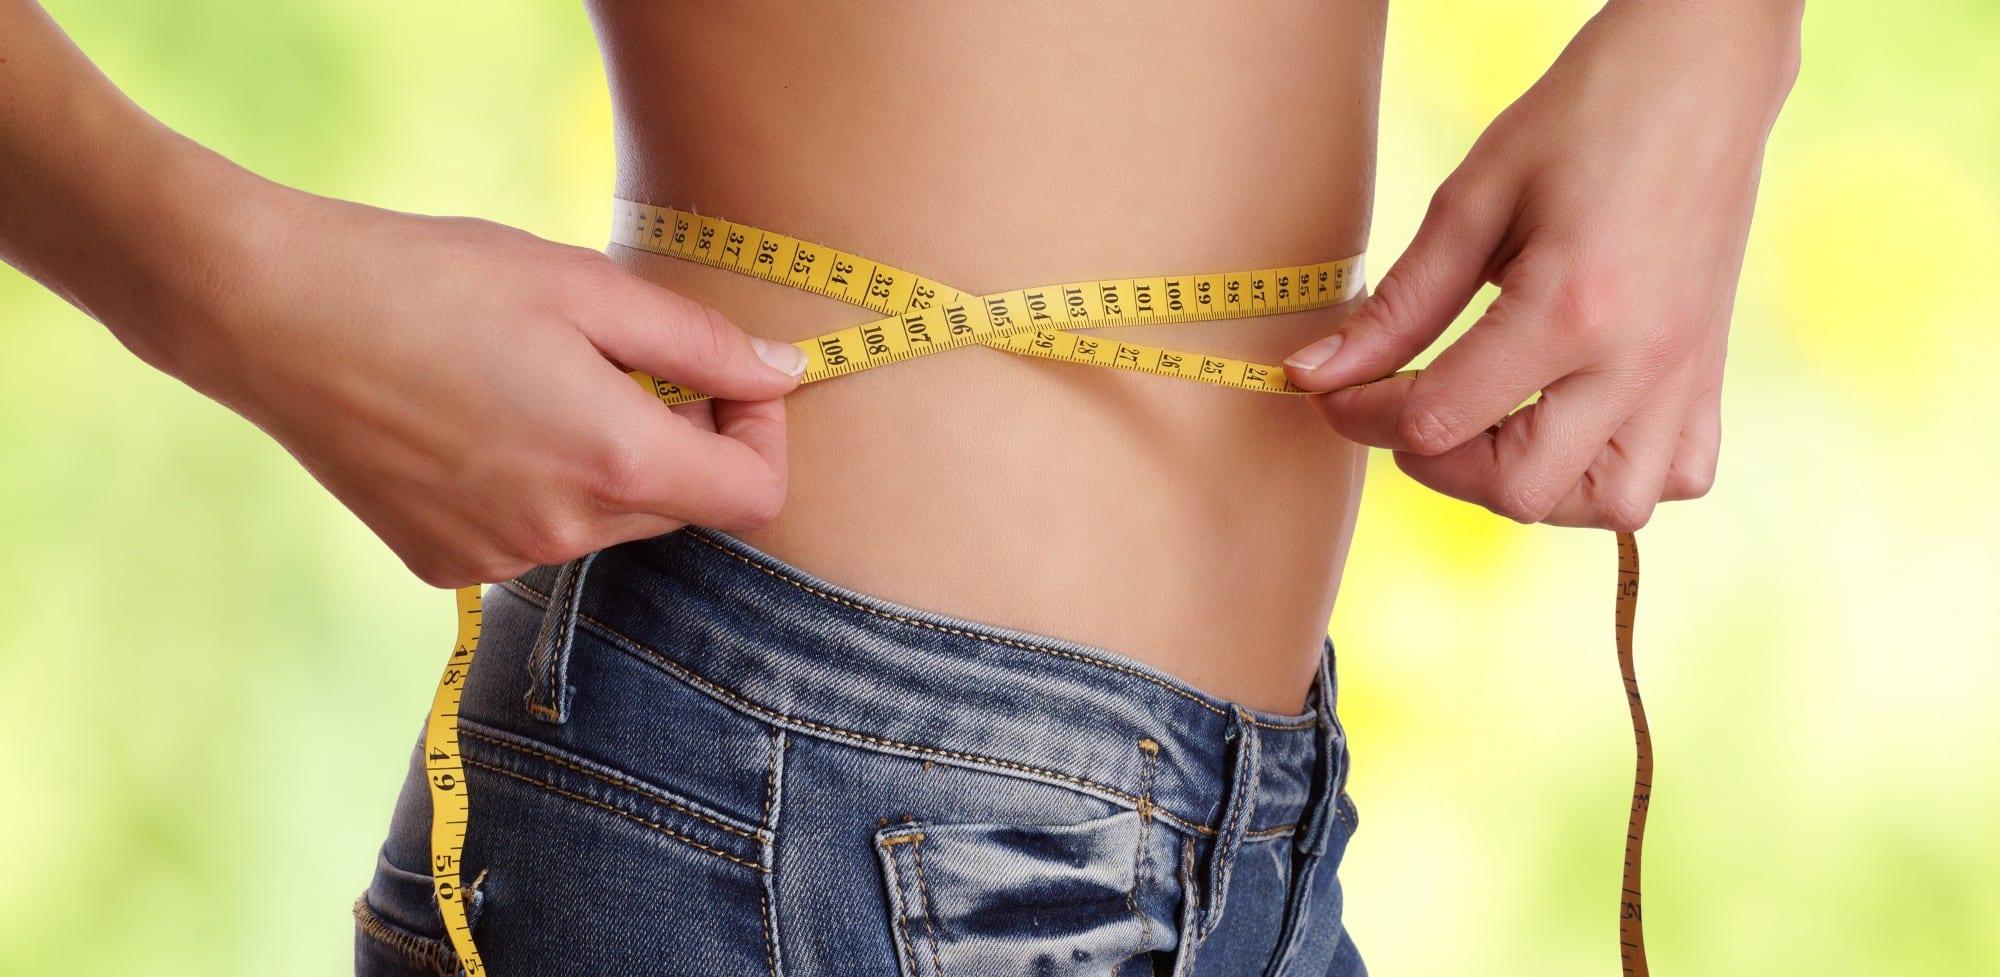 Obésité : qu'est-ce qui motive les jeunes à perdre du poids ?